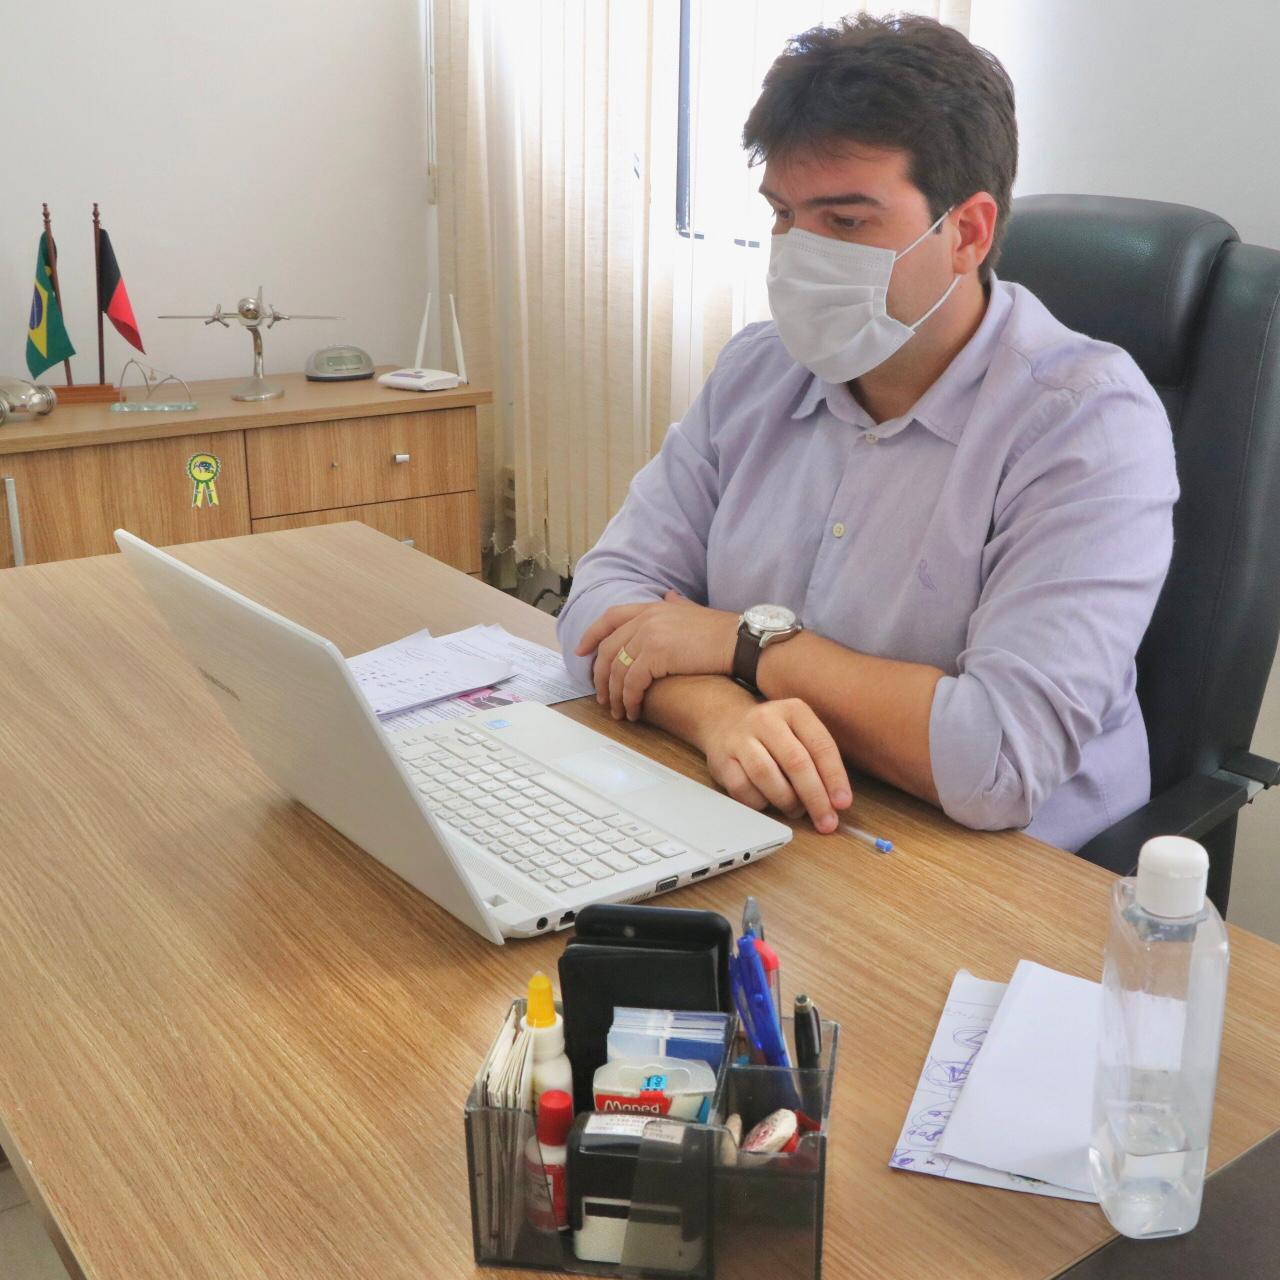 4ce9e265 23e6 44fc 8b18 e4e6b78a9f0a 1 - Projeto cria programa de apoio a pequenas empresas; segmento cresceu 6% no primeiro ano de pandemia